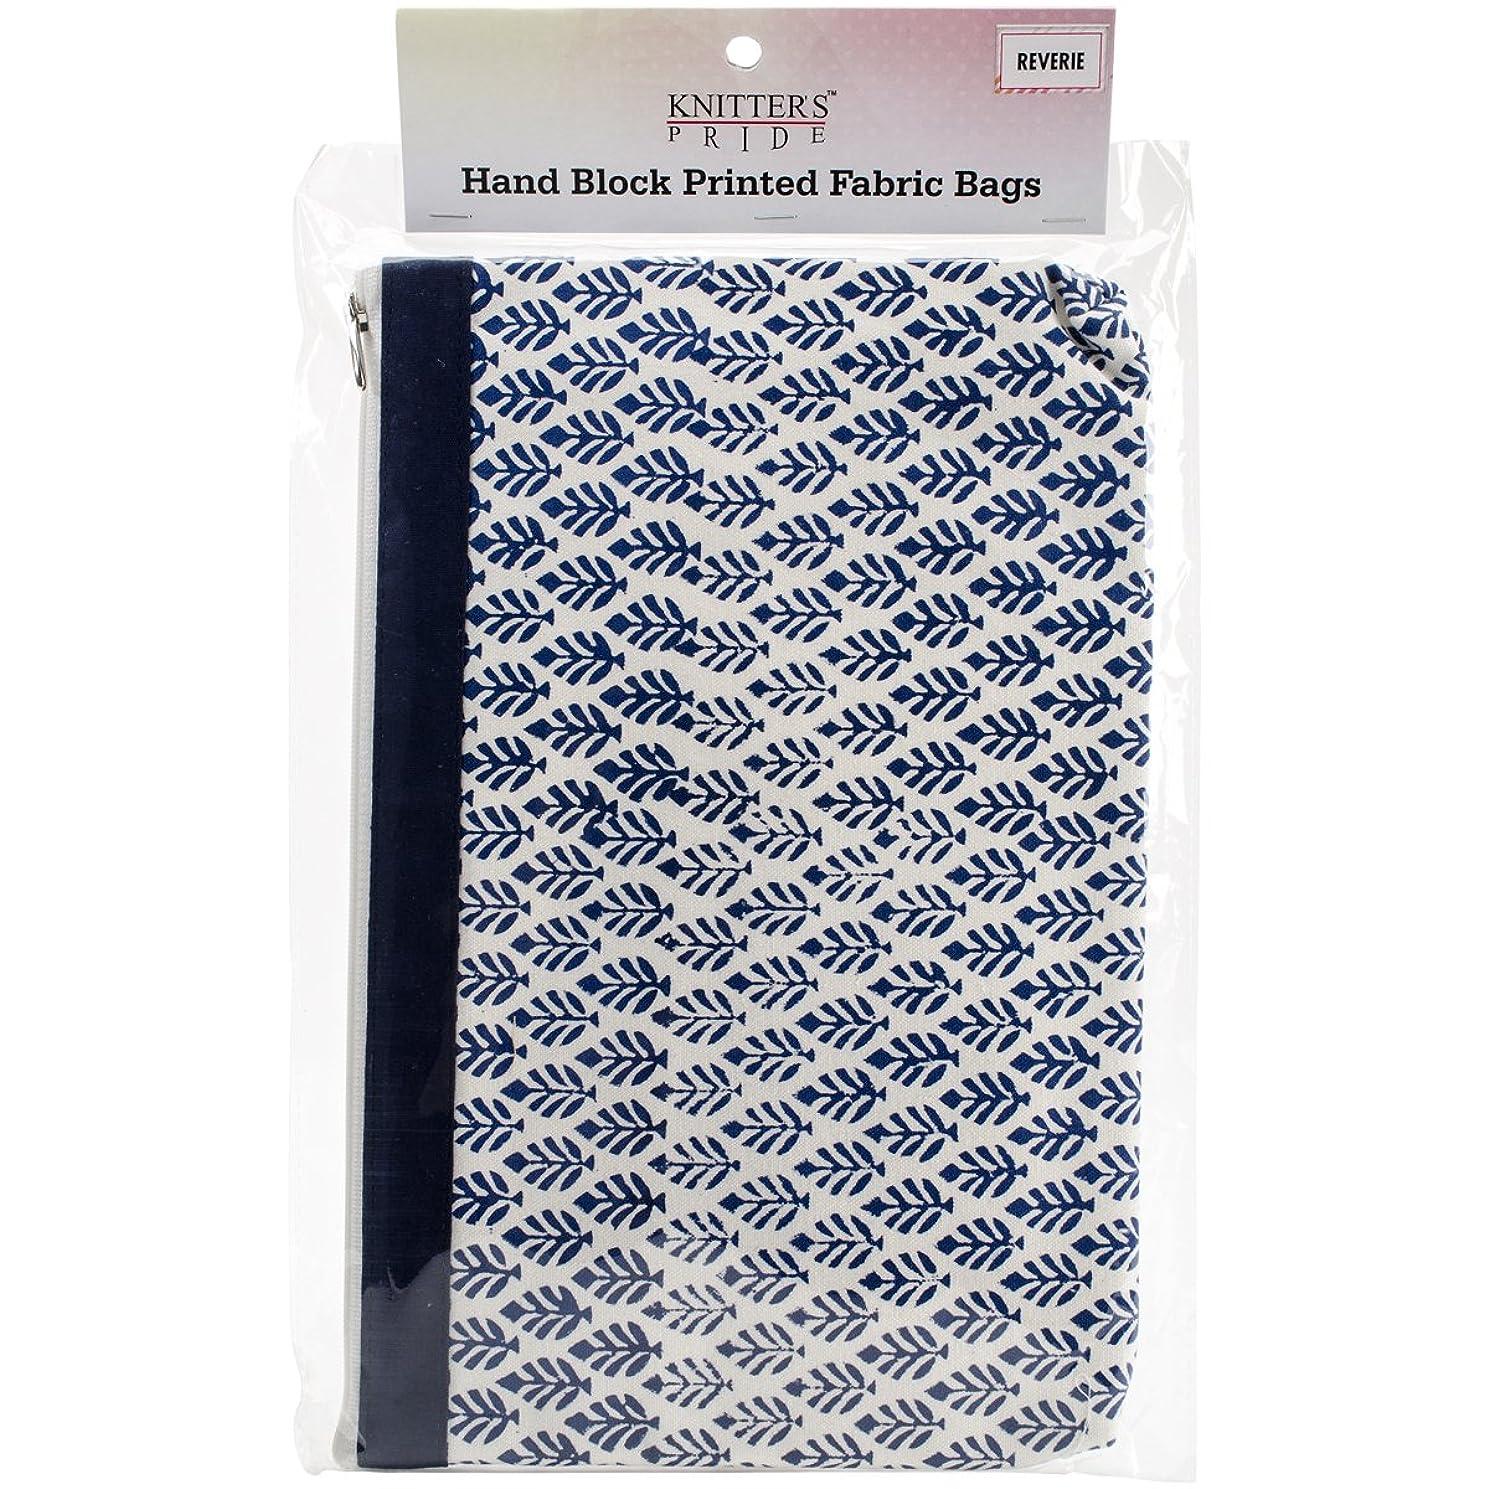 Knitter's Pride 810053 Reverie Full Fabric Zipper Pouch-Large